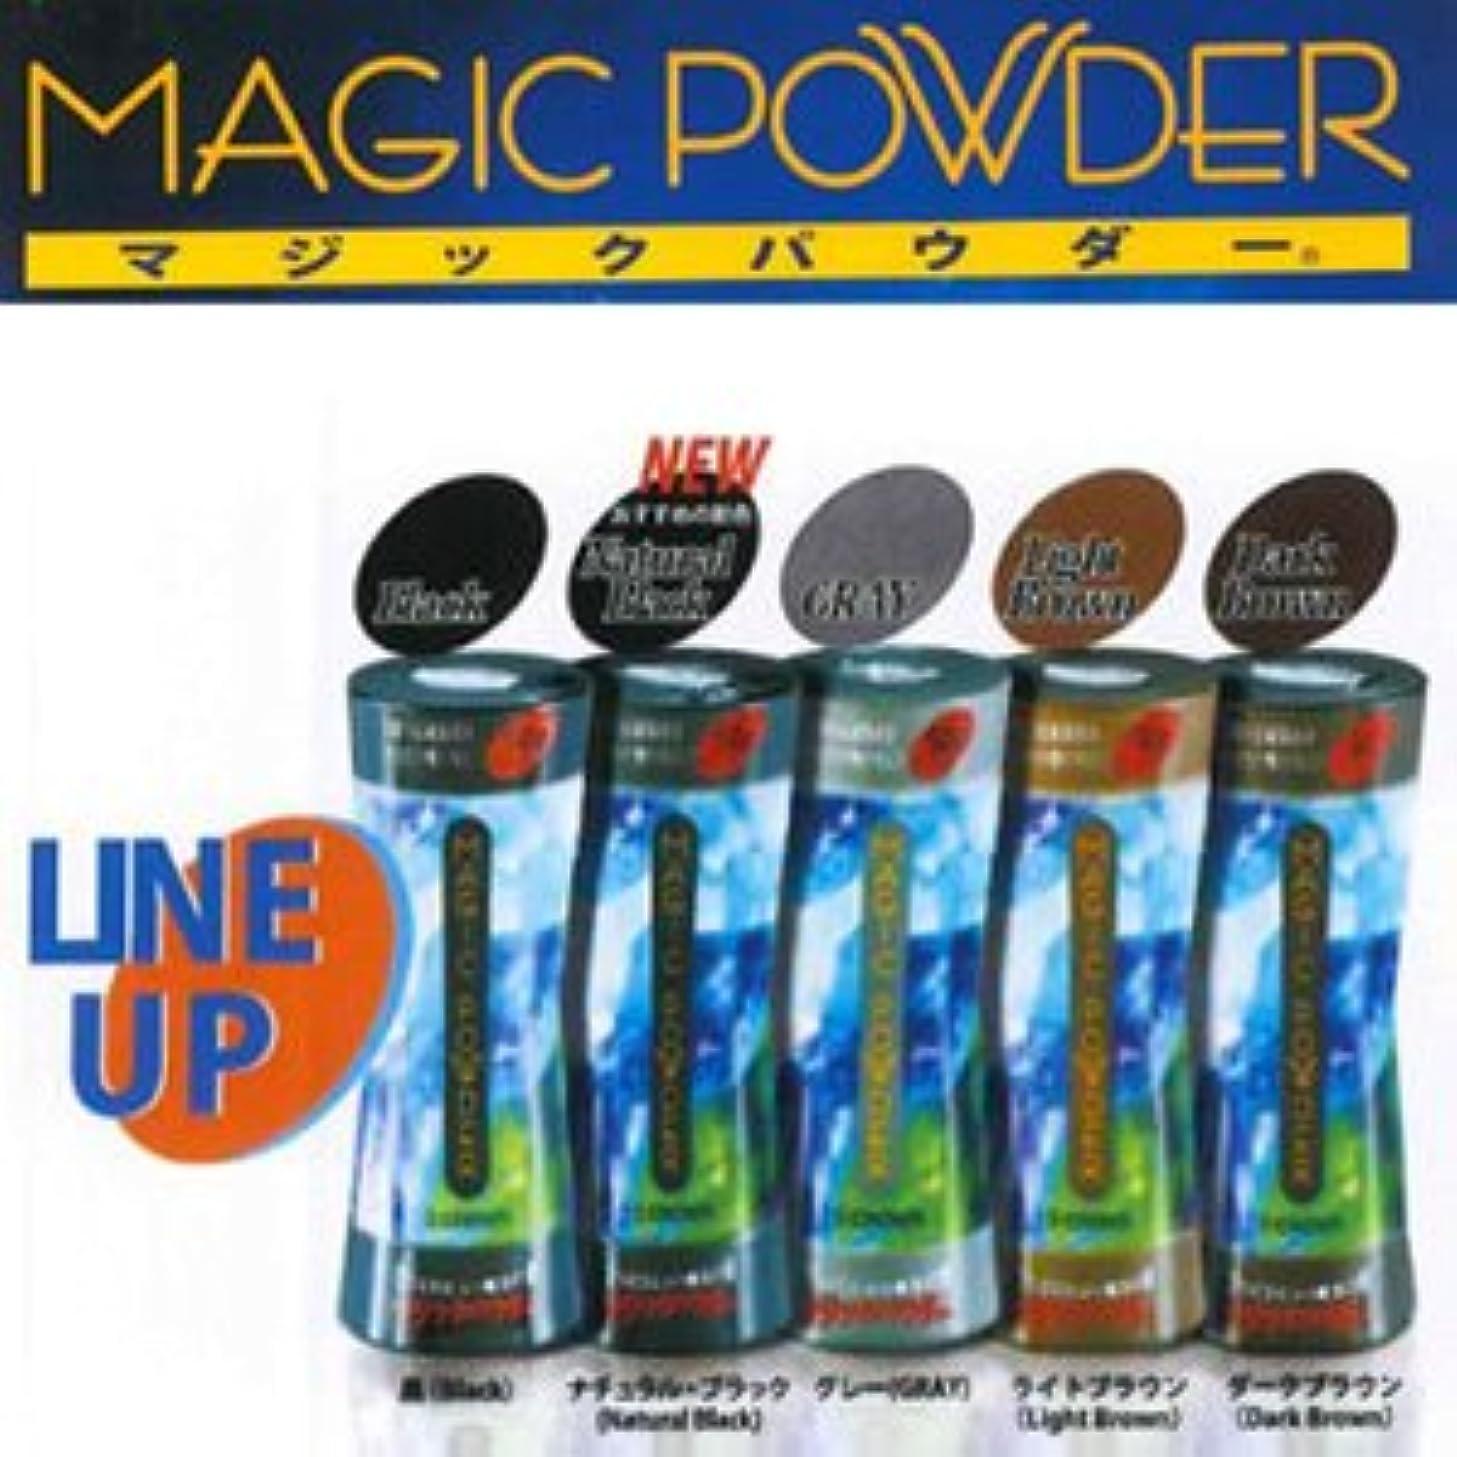 シニス測定ハントMAGIC POWDER マジックパウダー ライトブラウン 50g  ※貴方の髪を簡単ボリュームアップ!